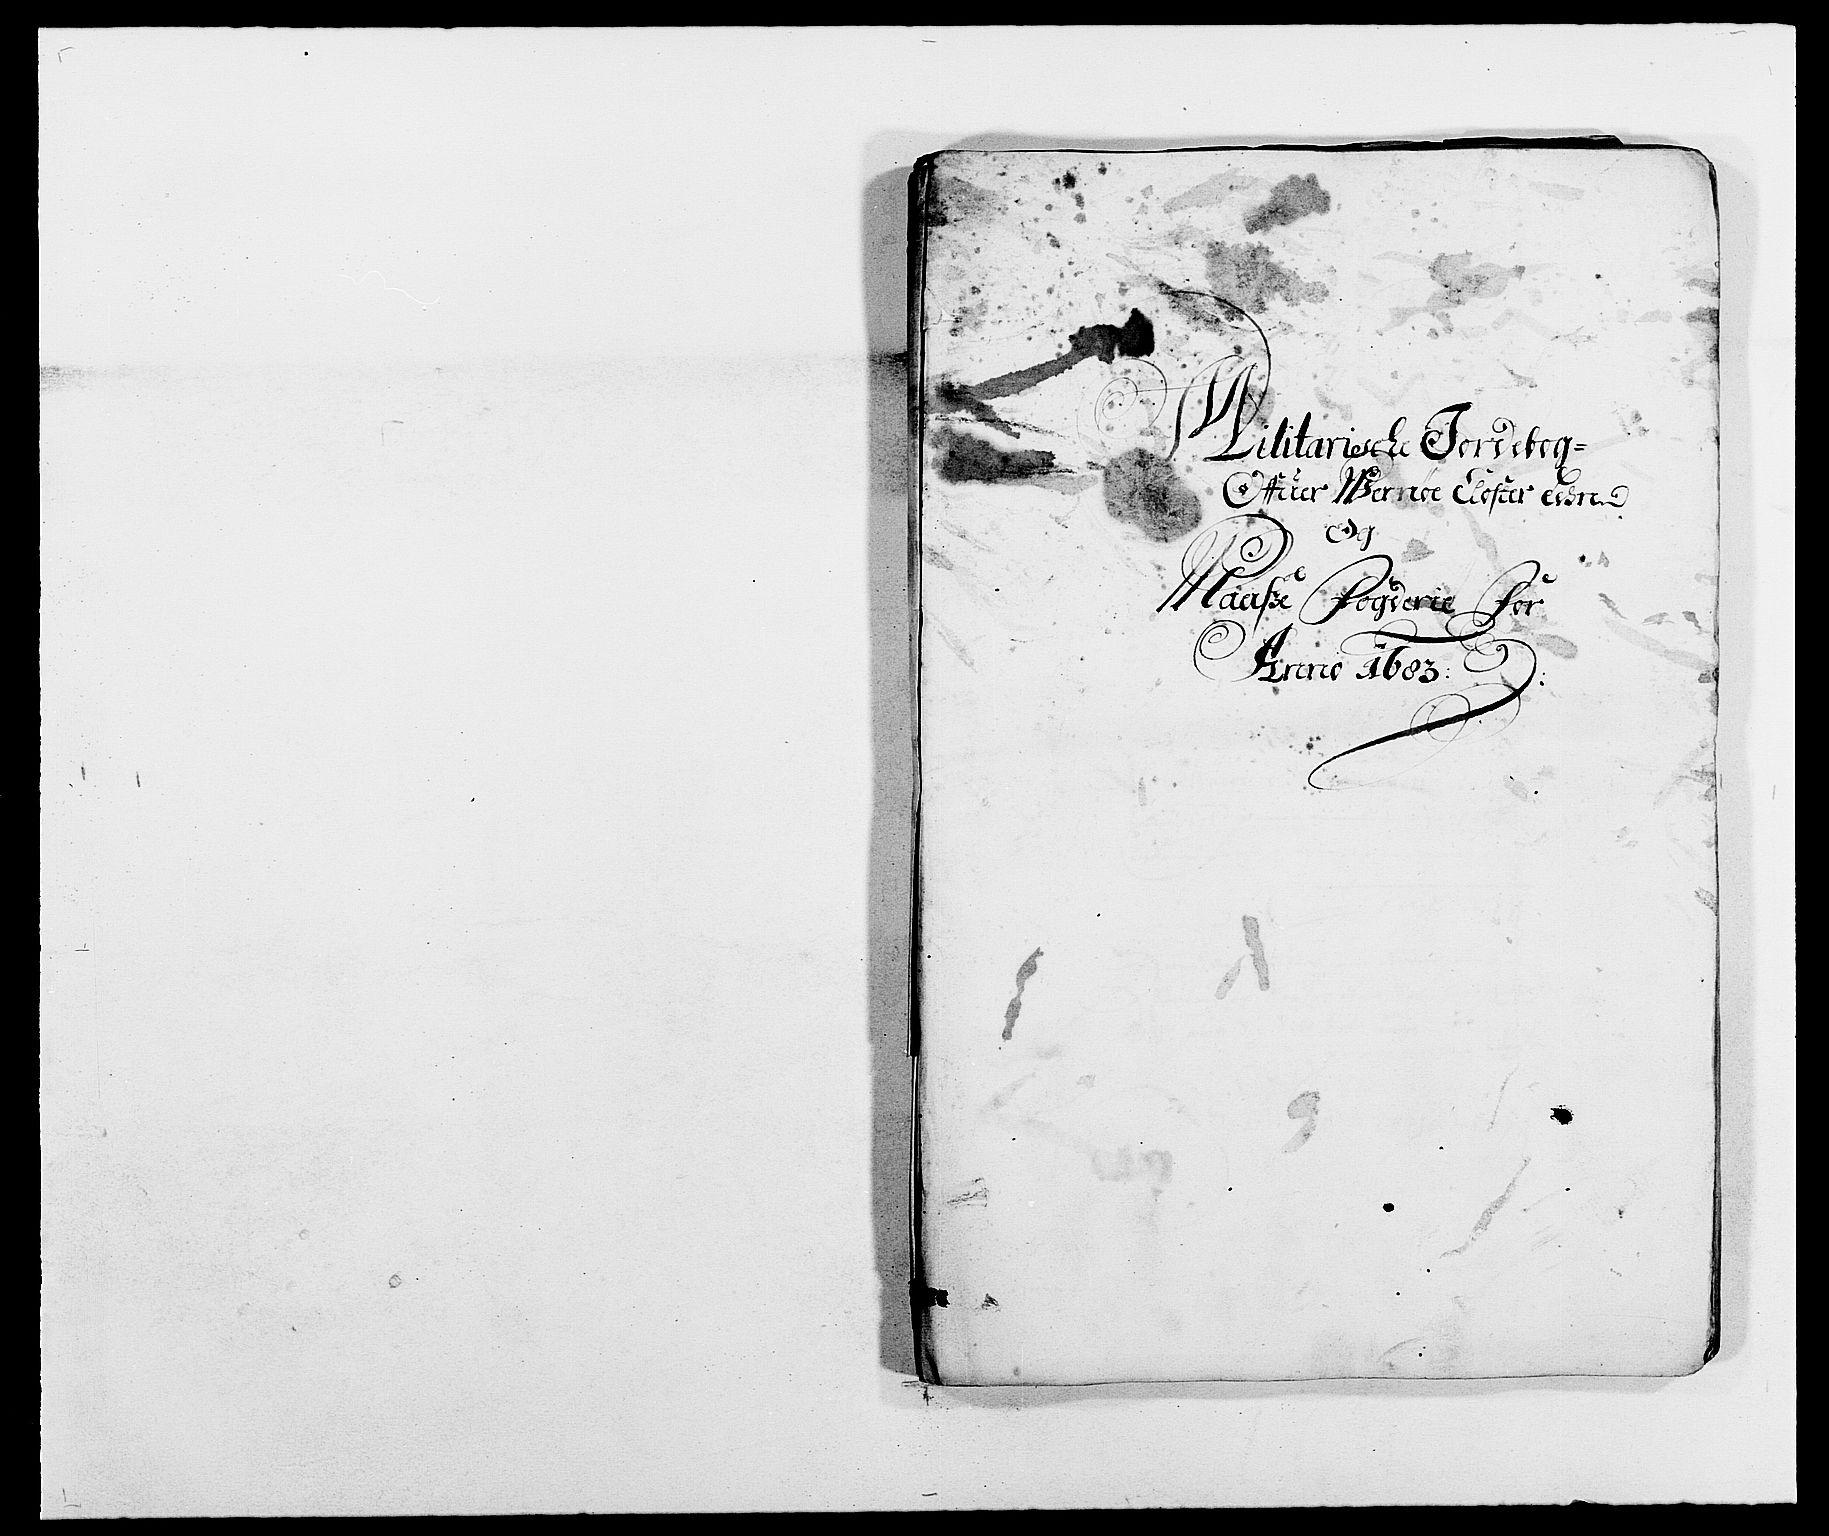 RA, Rentekammeret inntil 1814, Reviderte regnskaper, Fogderegnskap, R02/L0104: Fogderegnskap Moss og Verne kloster, 1682-1684, s. 94